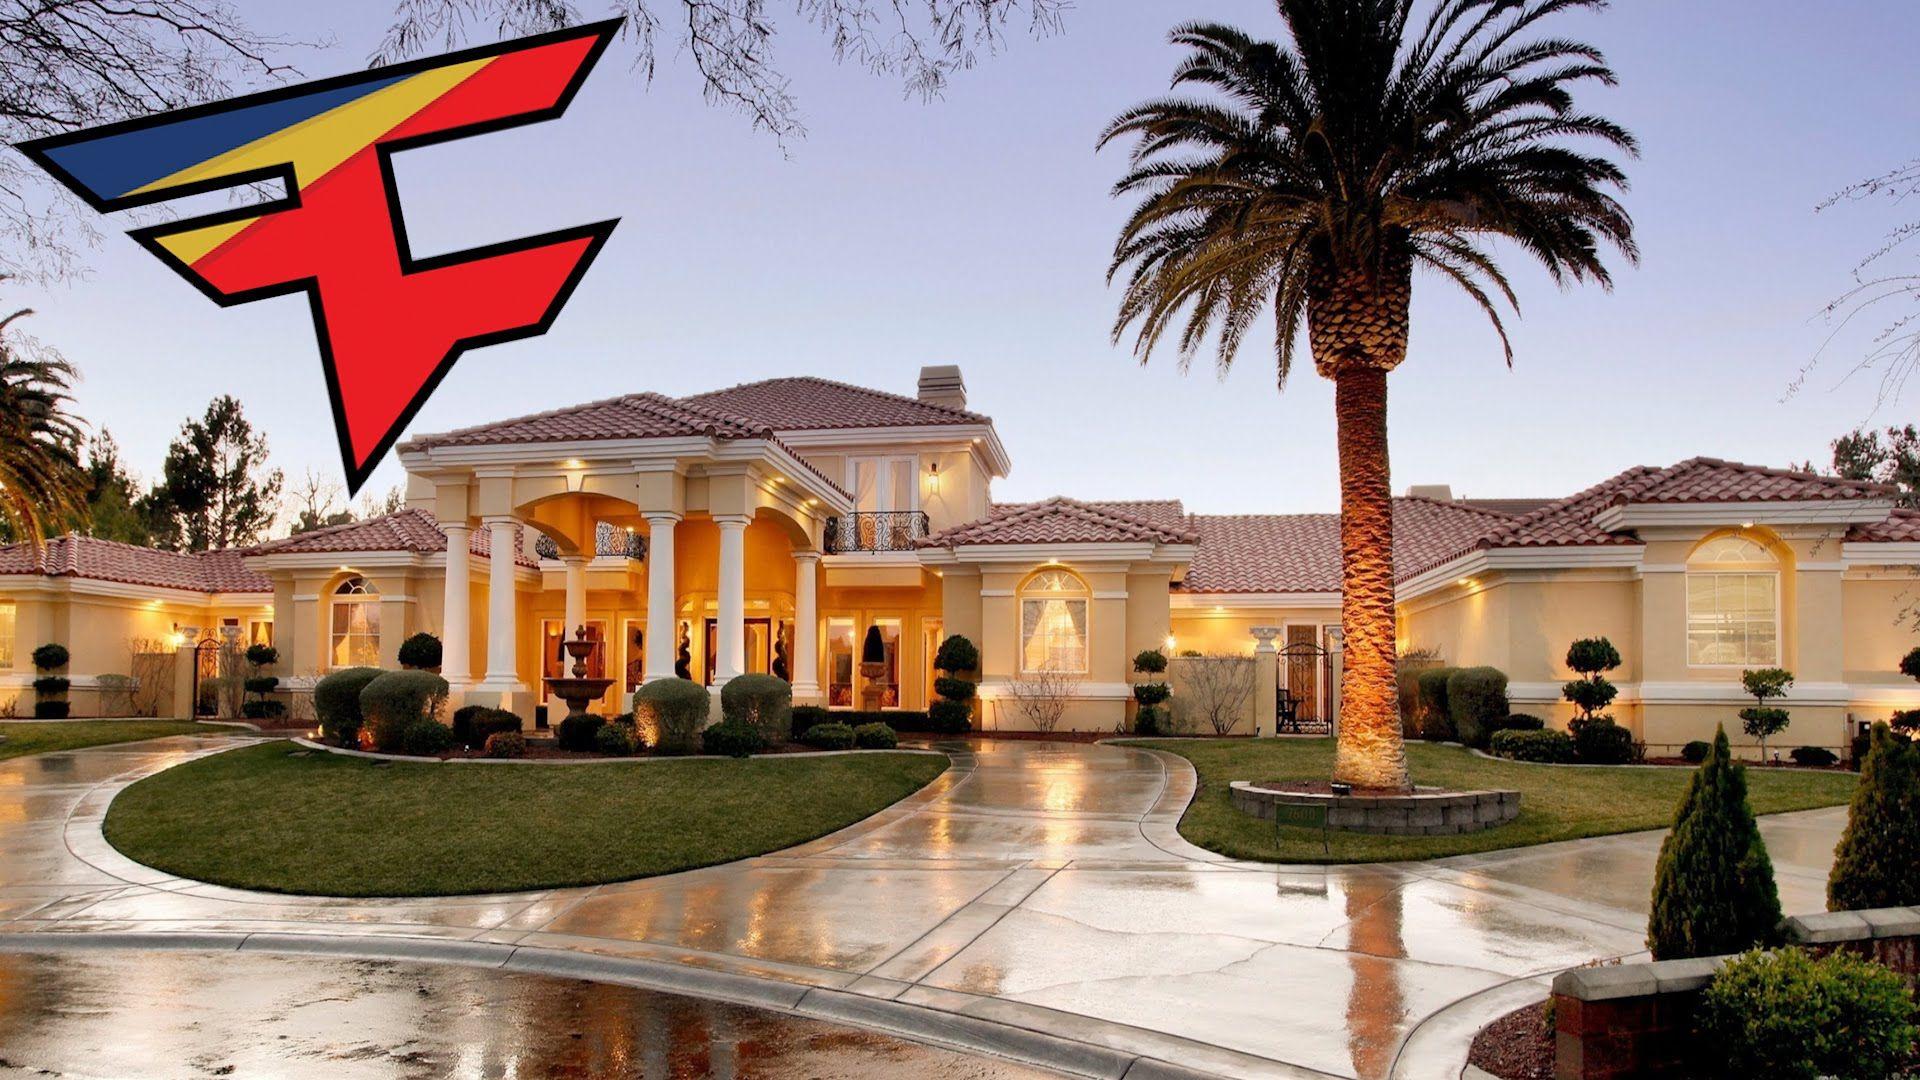 Faze house la official move date mansions